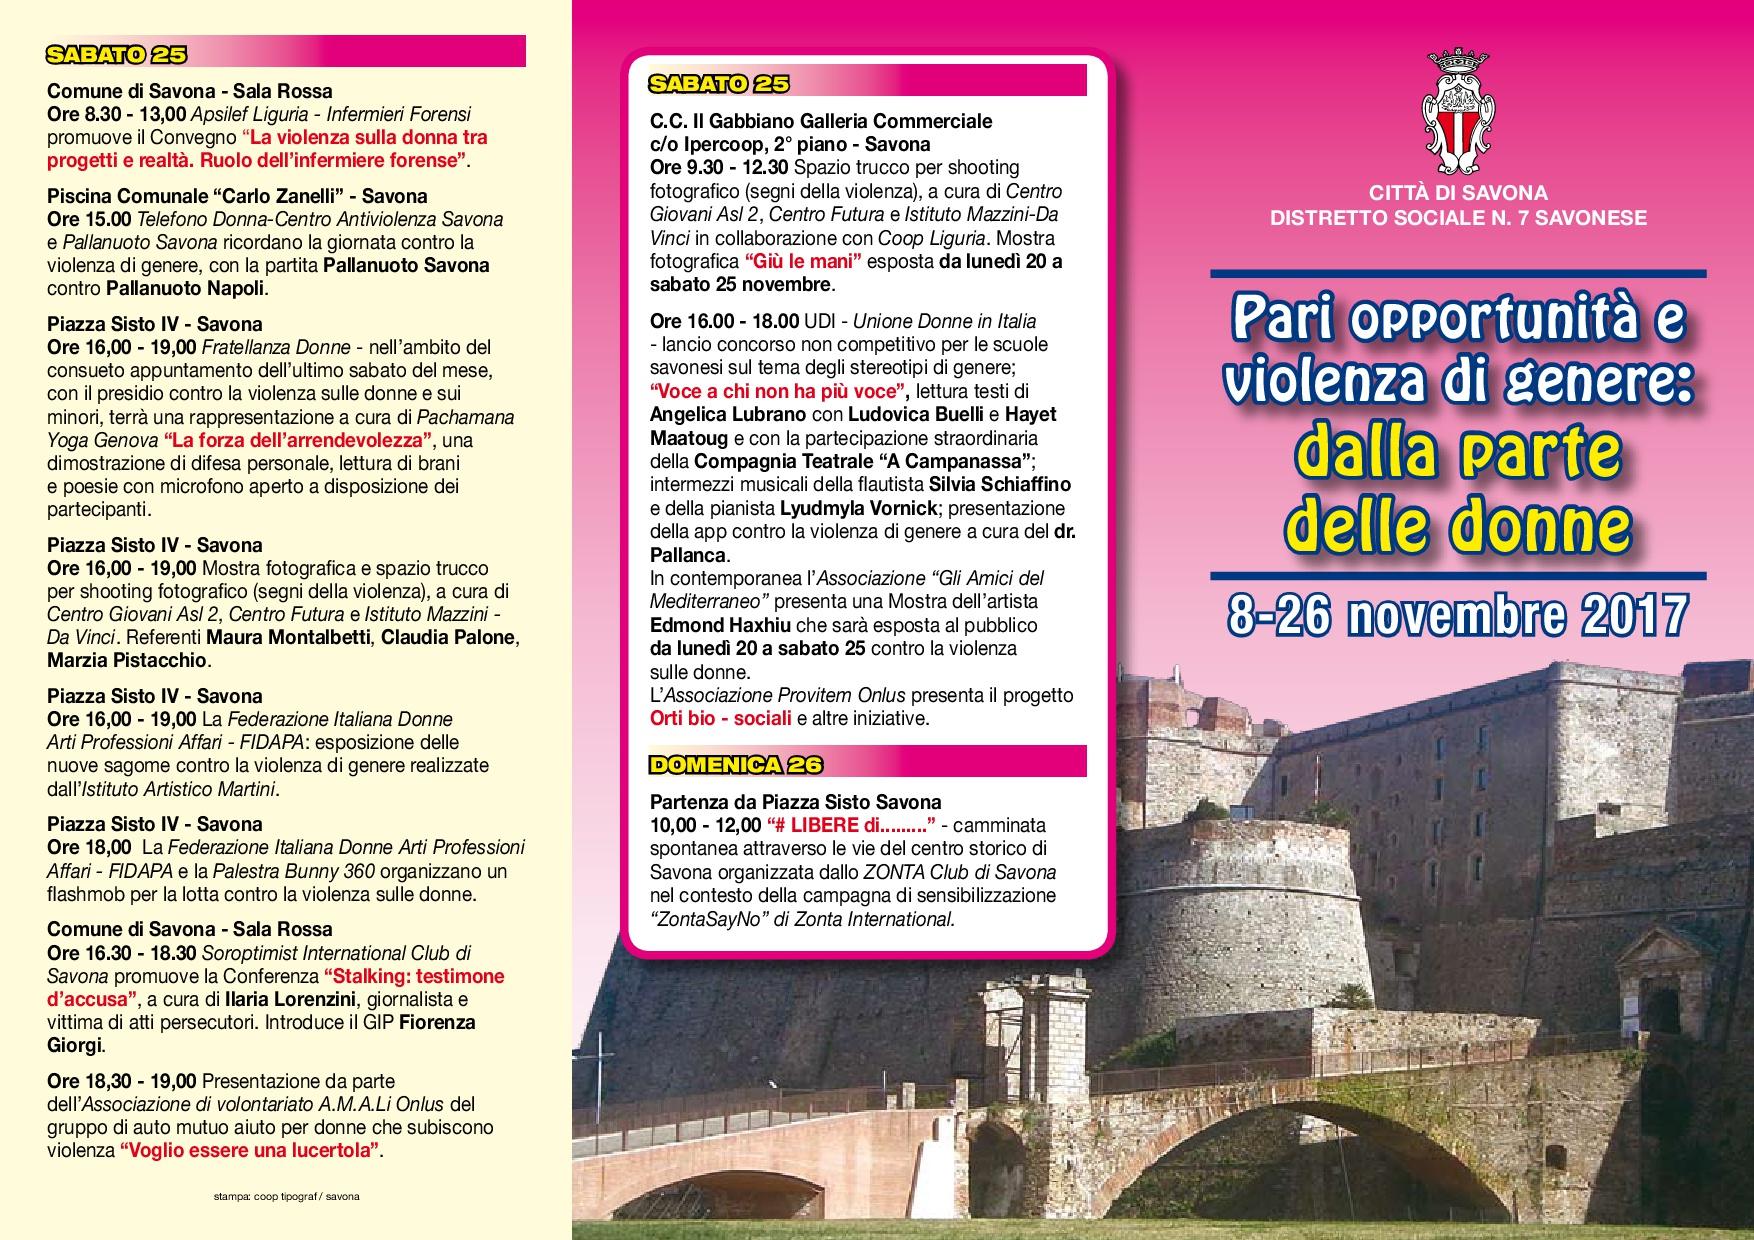 pari-opportunita-e-violenza-di-genere-dalla-parte-delle-donne